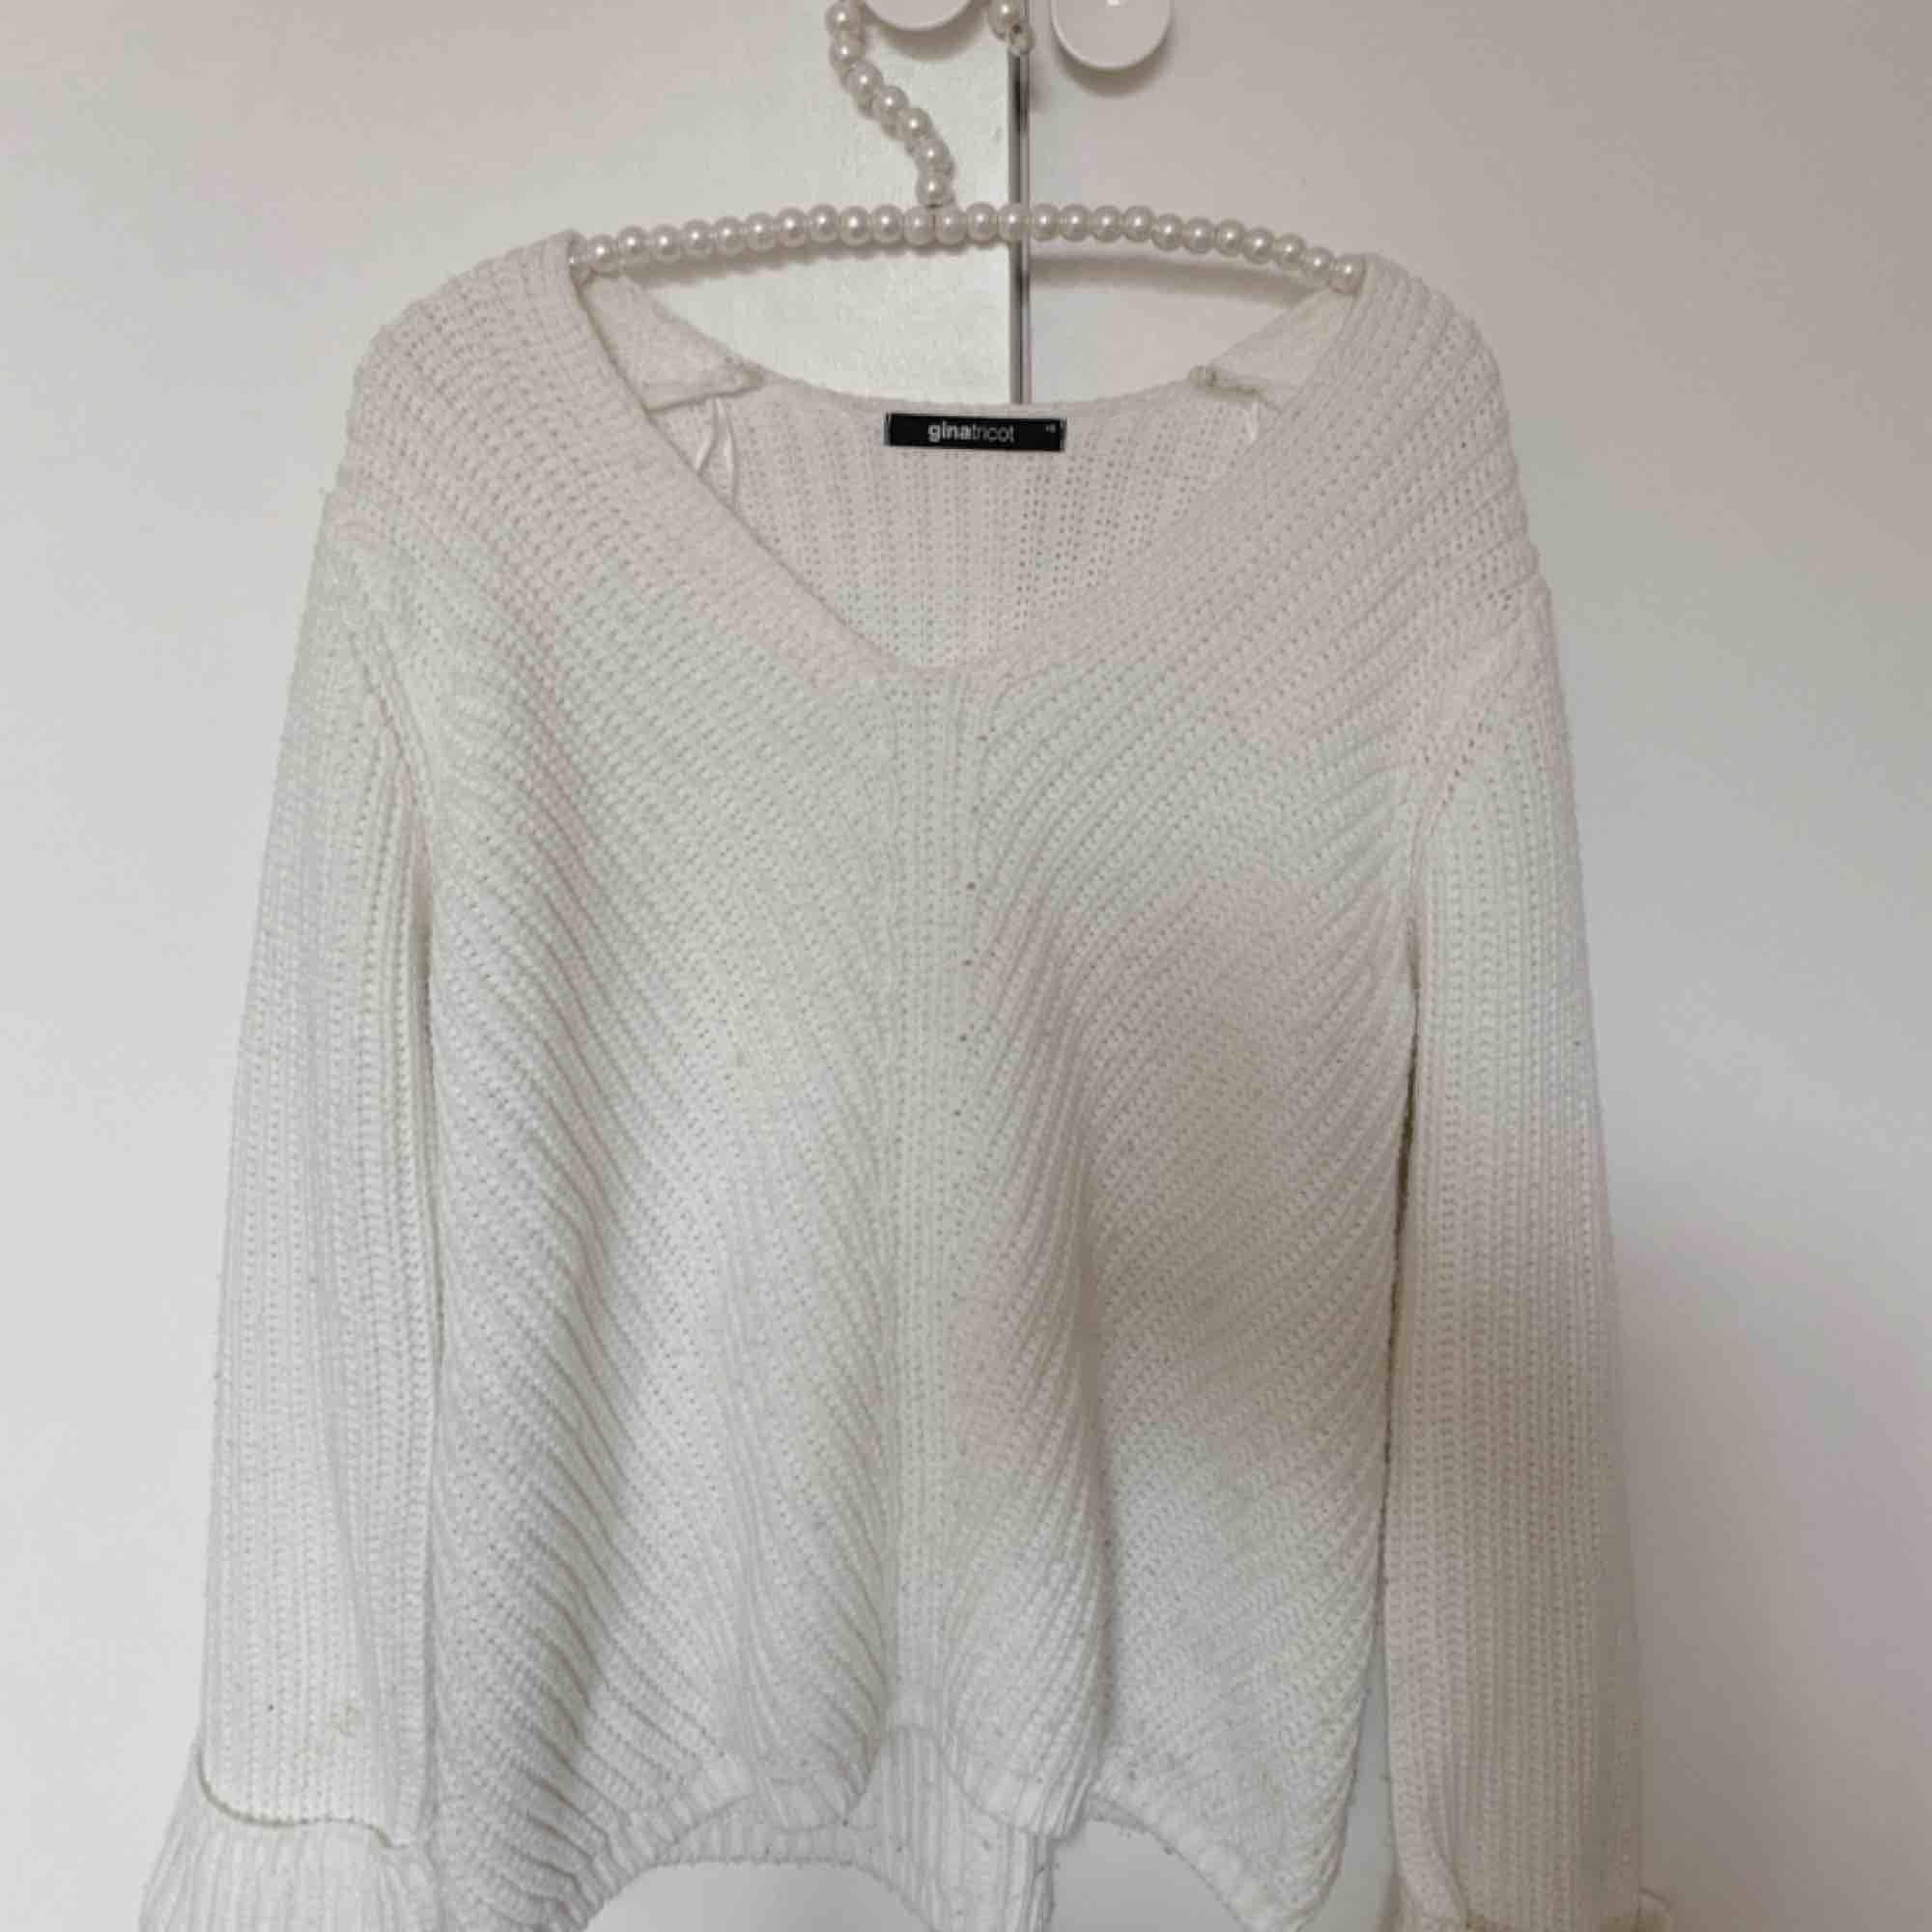 Vit stickad tröja från Gina tricot, i storlek XS köptes för 299kr men säljer för 160. Stickat.